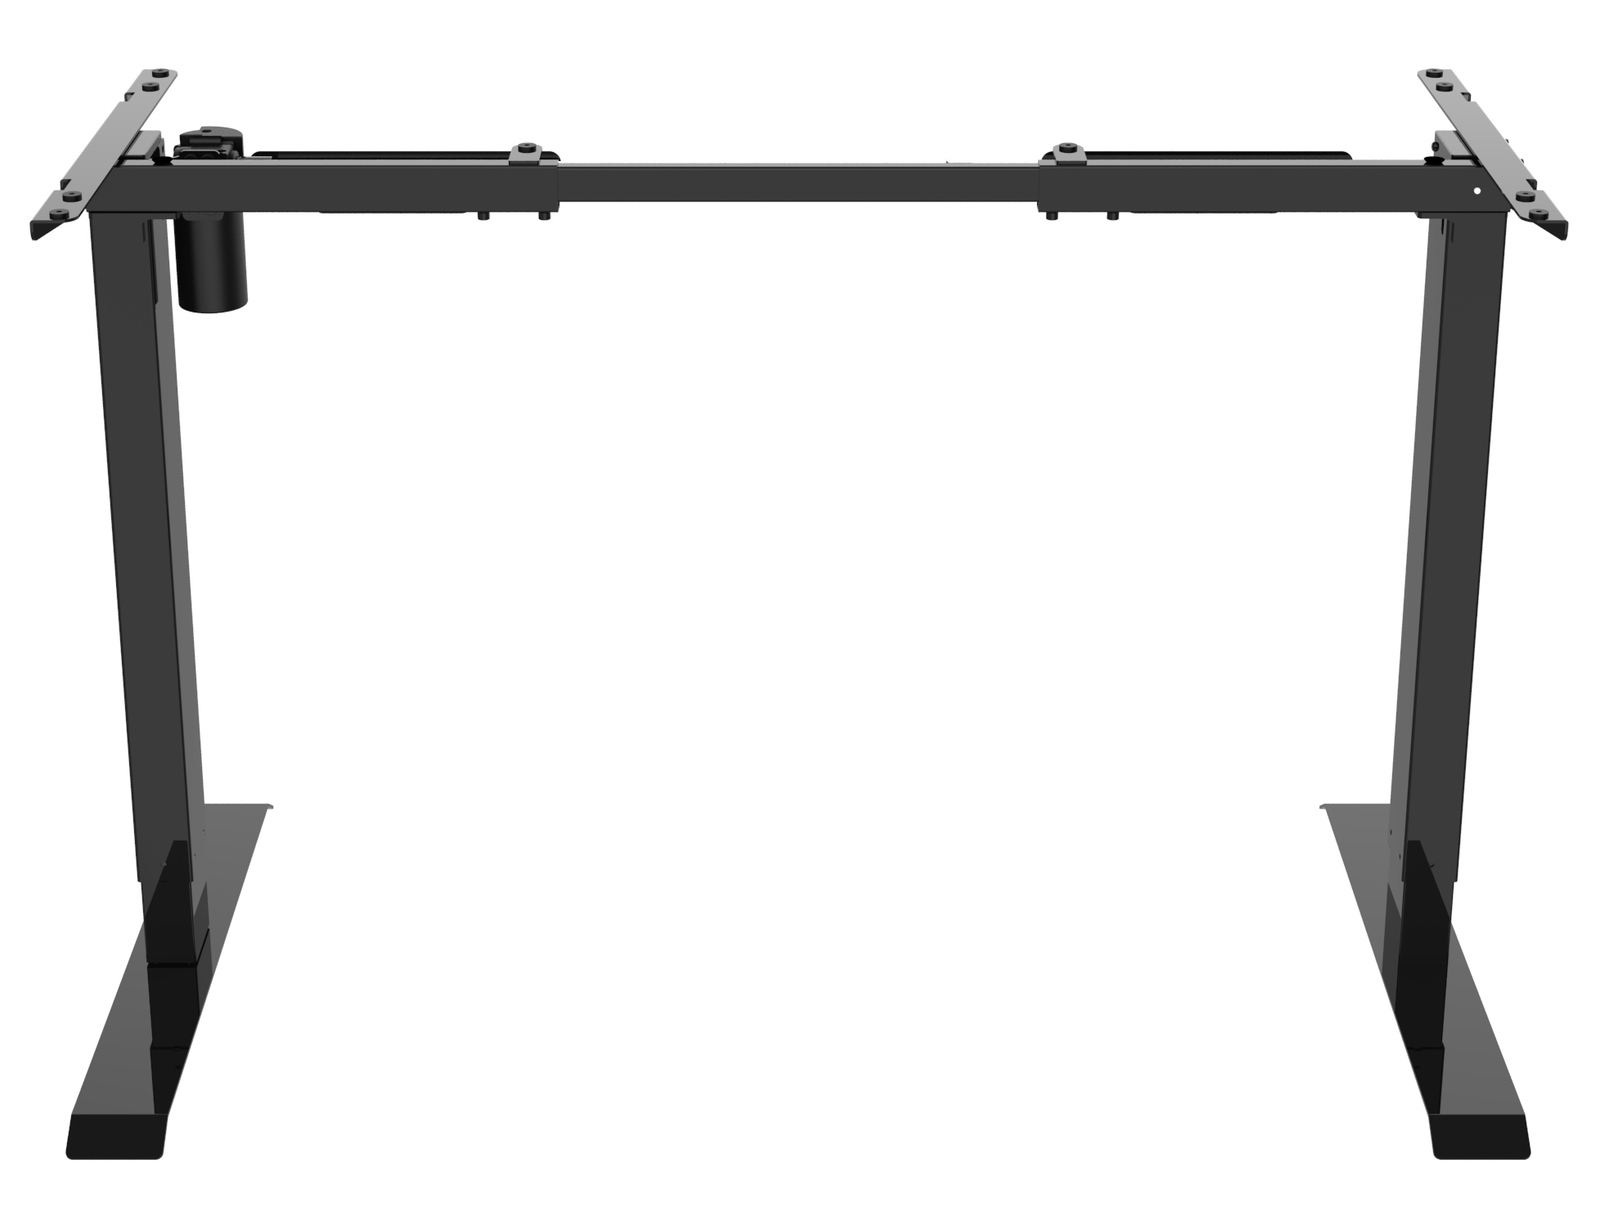 Gorilla Office: 2-Stage Motorised Height Adjustable Desk - Black/Black (1400 x 700mmmm) image